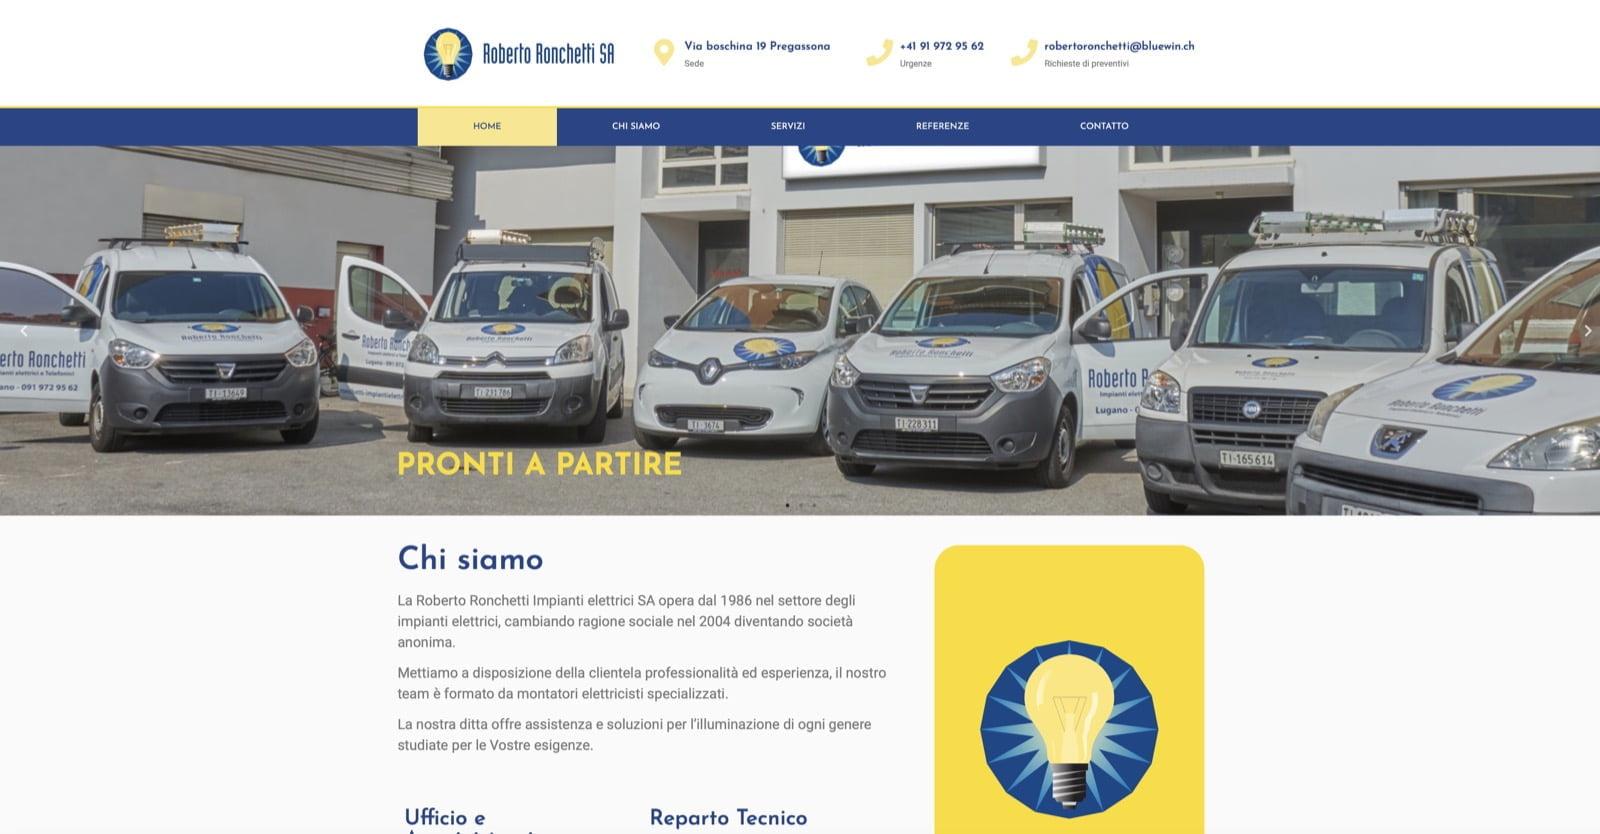 Realizzazione Siti Internet Ticino